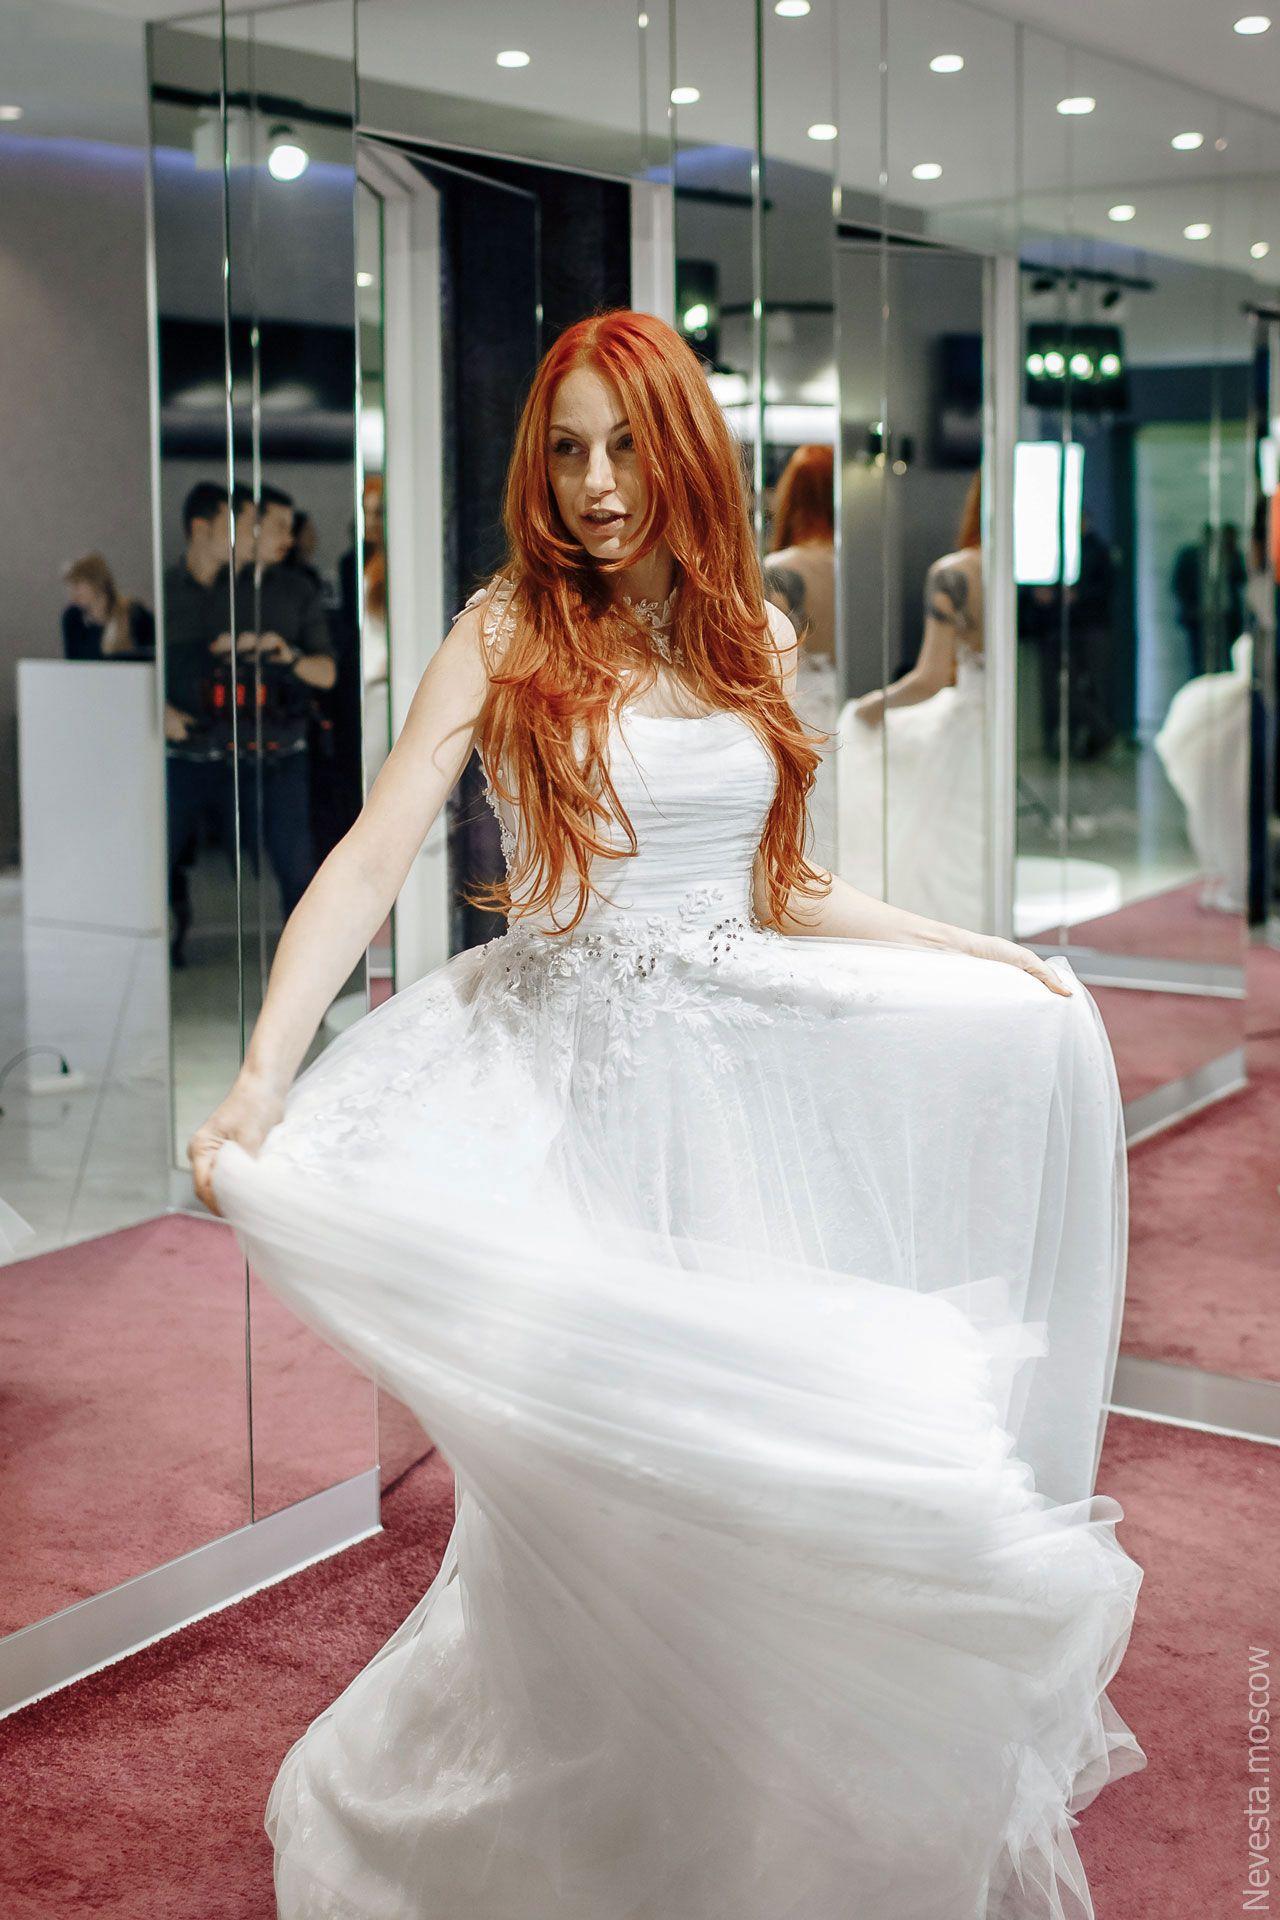 Солистка группы «Чи-Ли» Ирина Забияка примеряет платье, фото 1